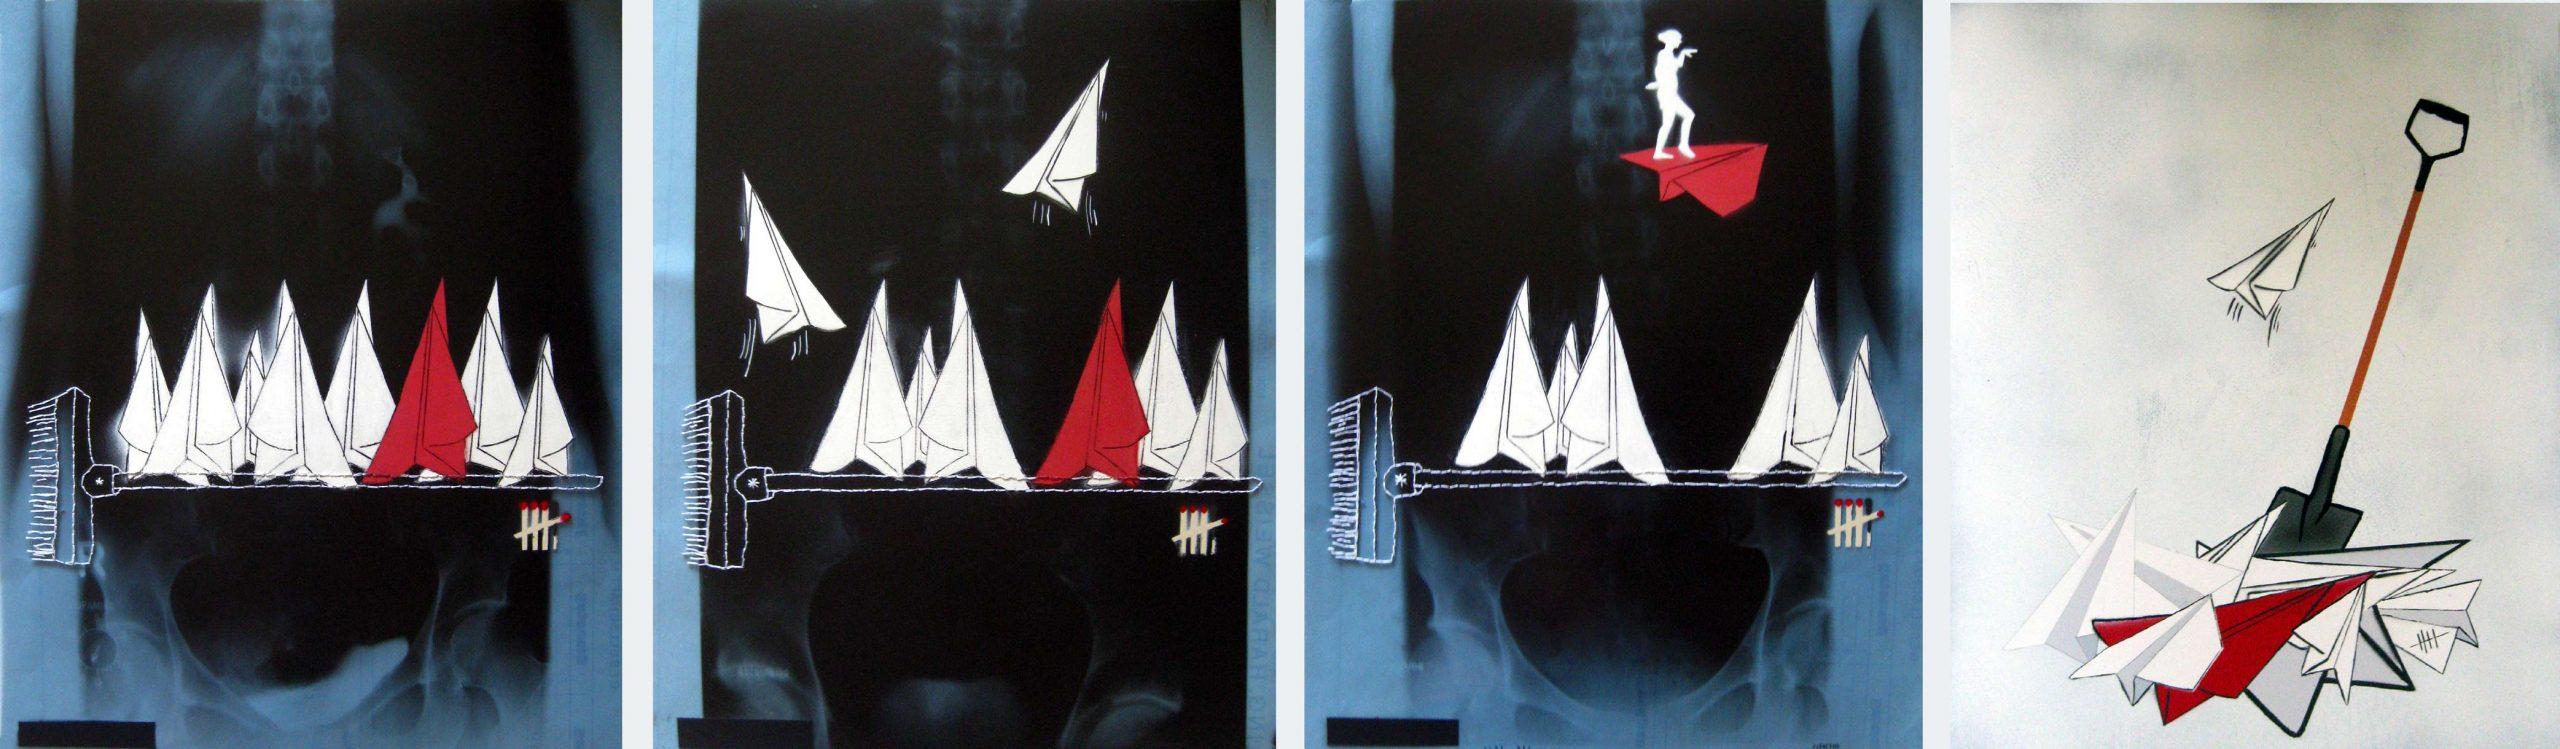 artVerwandt_X_rays-3